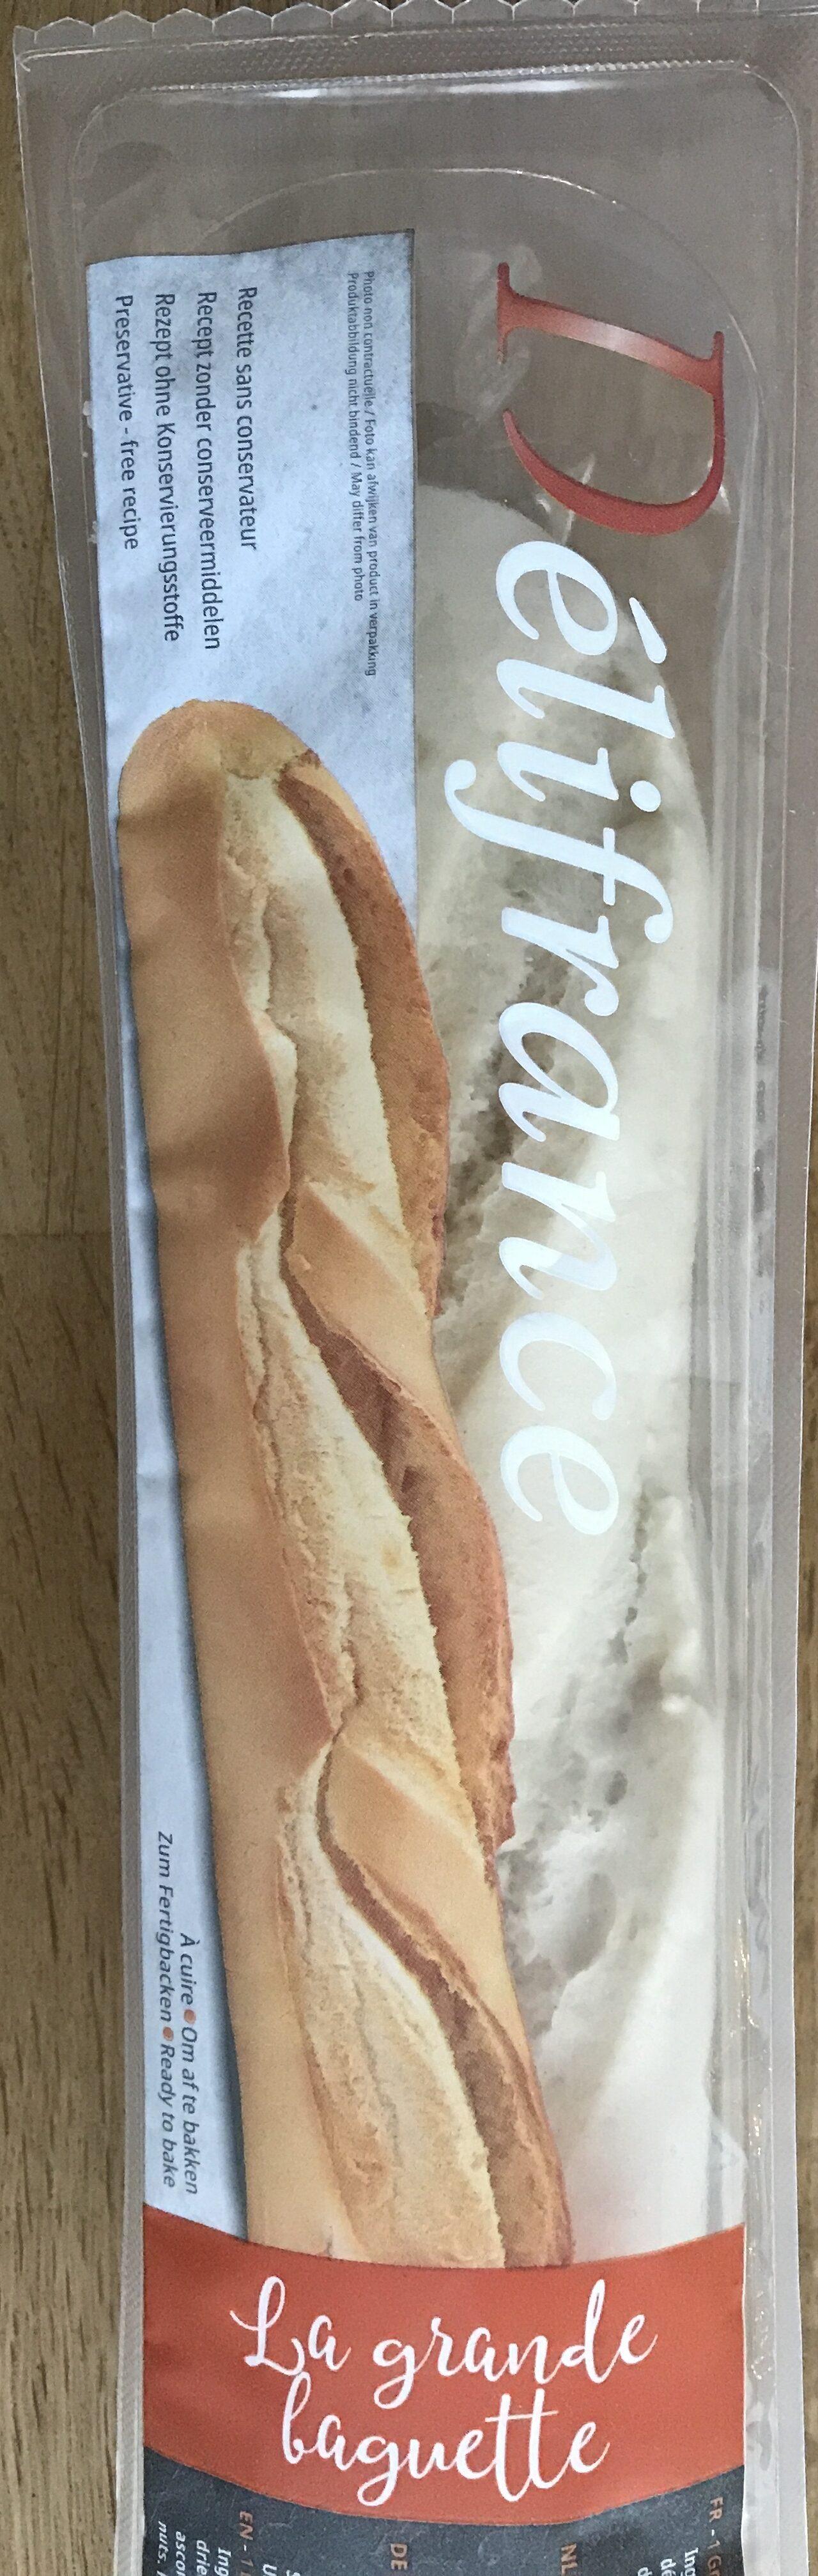 La grande baguette - Product